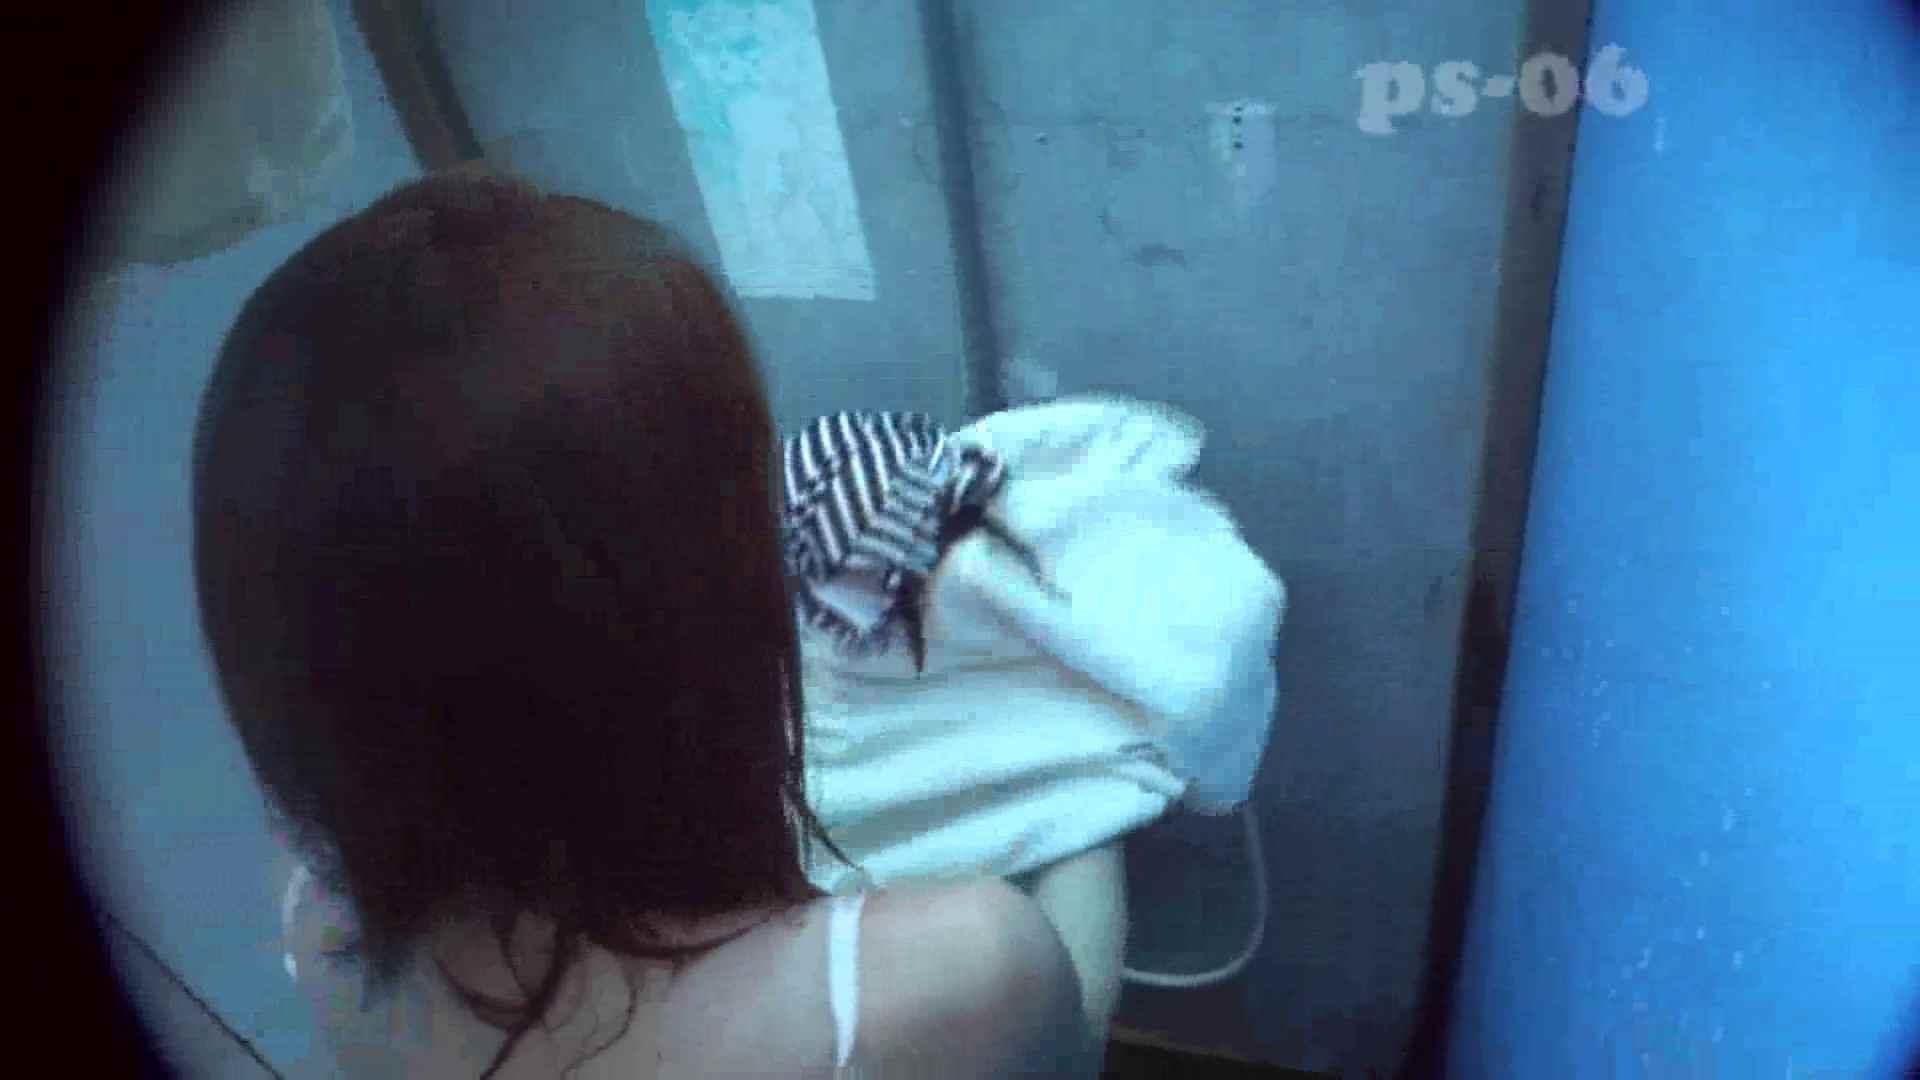 シャワールームは危険な香りVol.6(ハイビジョンサンプル版) 名人 エロ画像 60連発 23